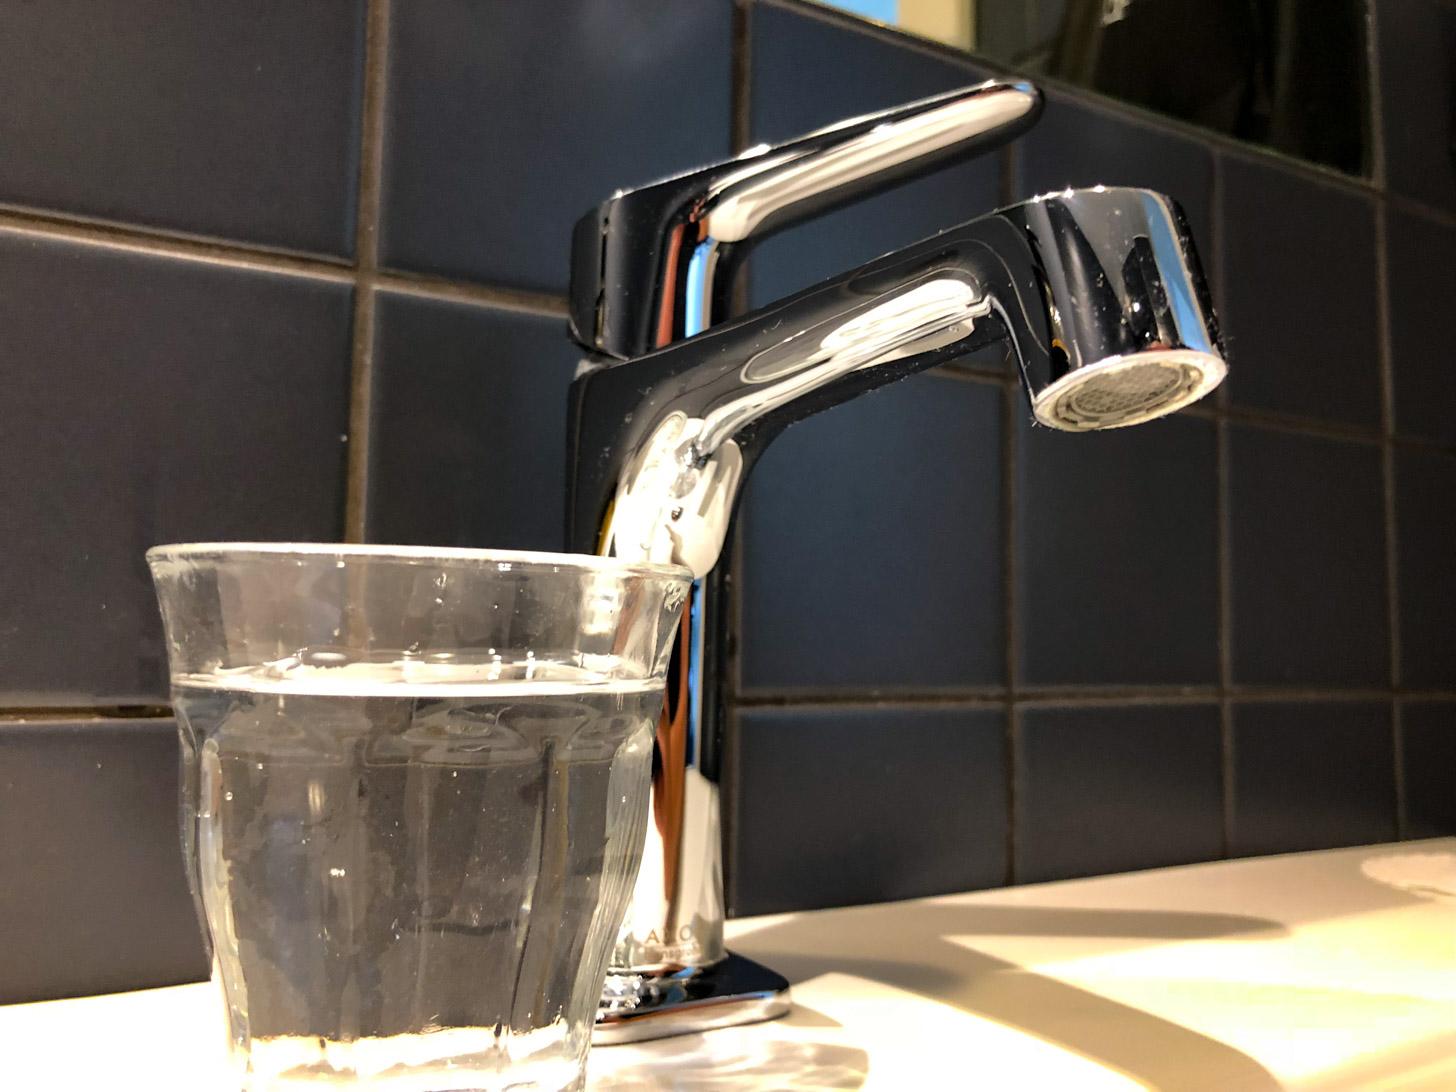 Drinkwater uit de kraan